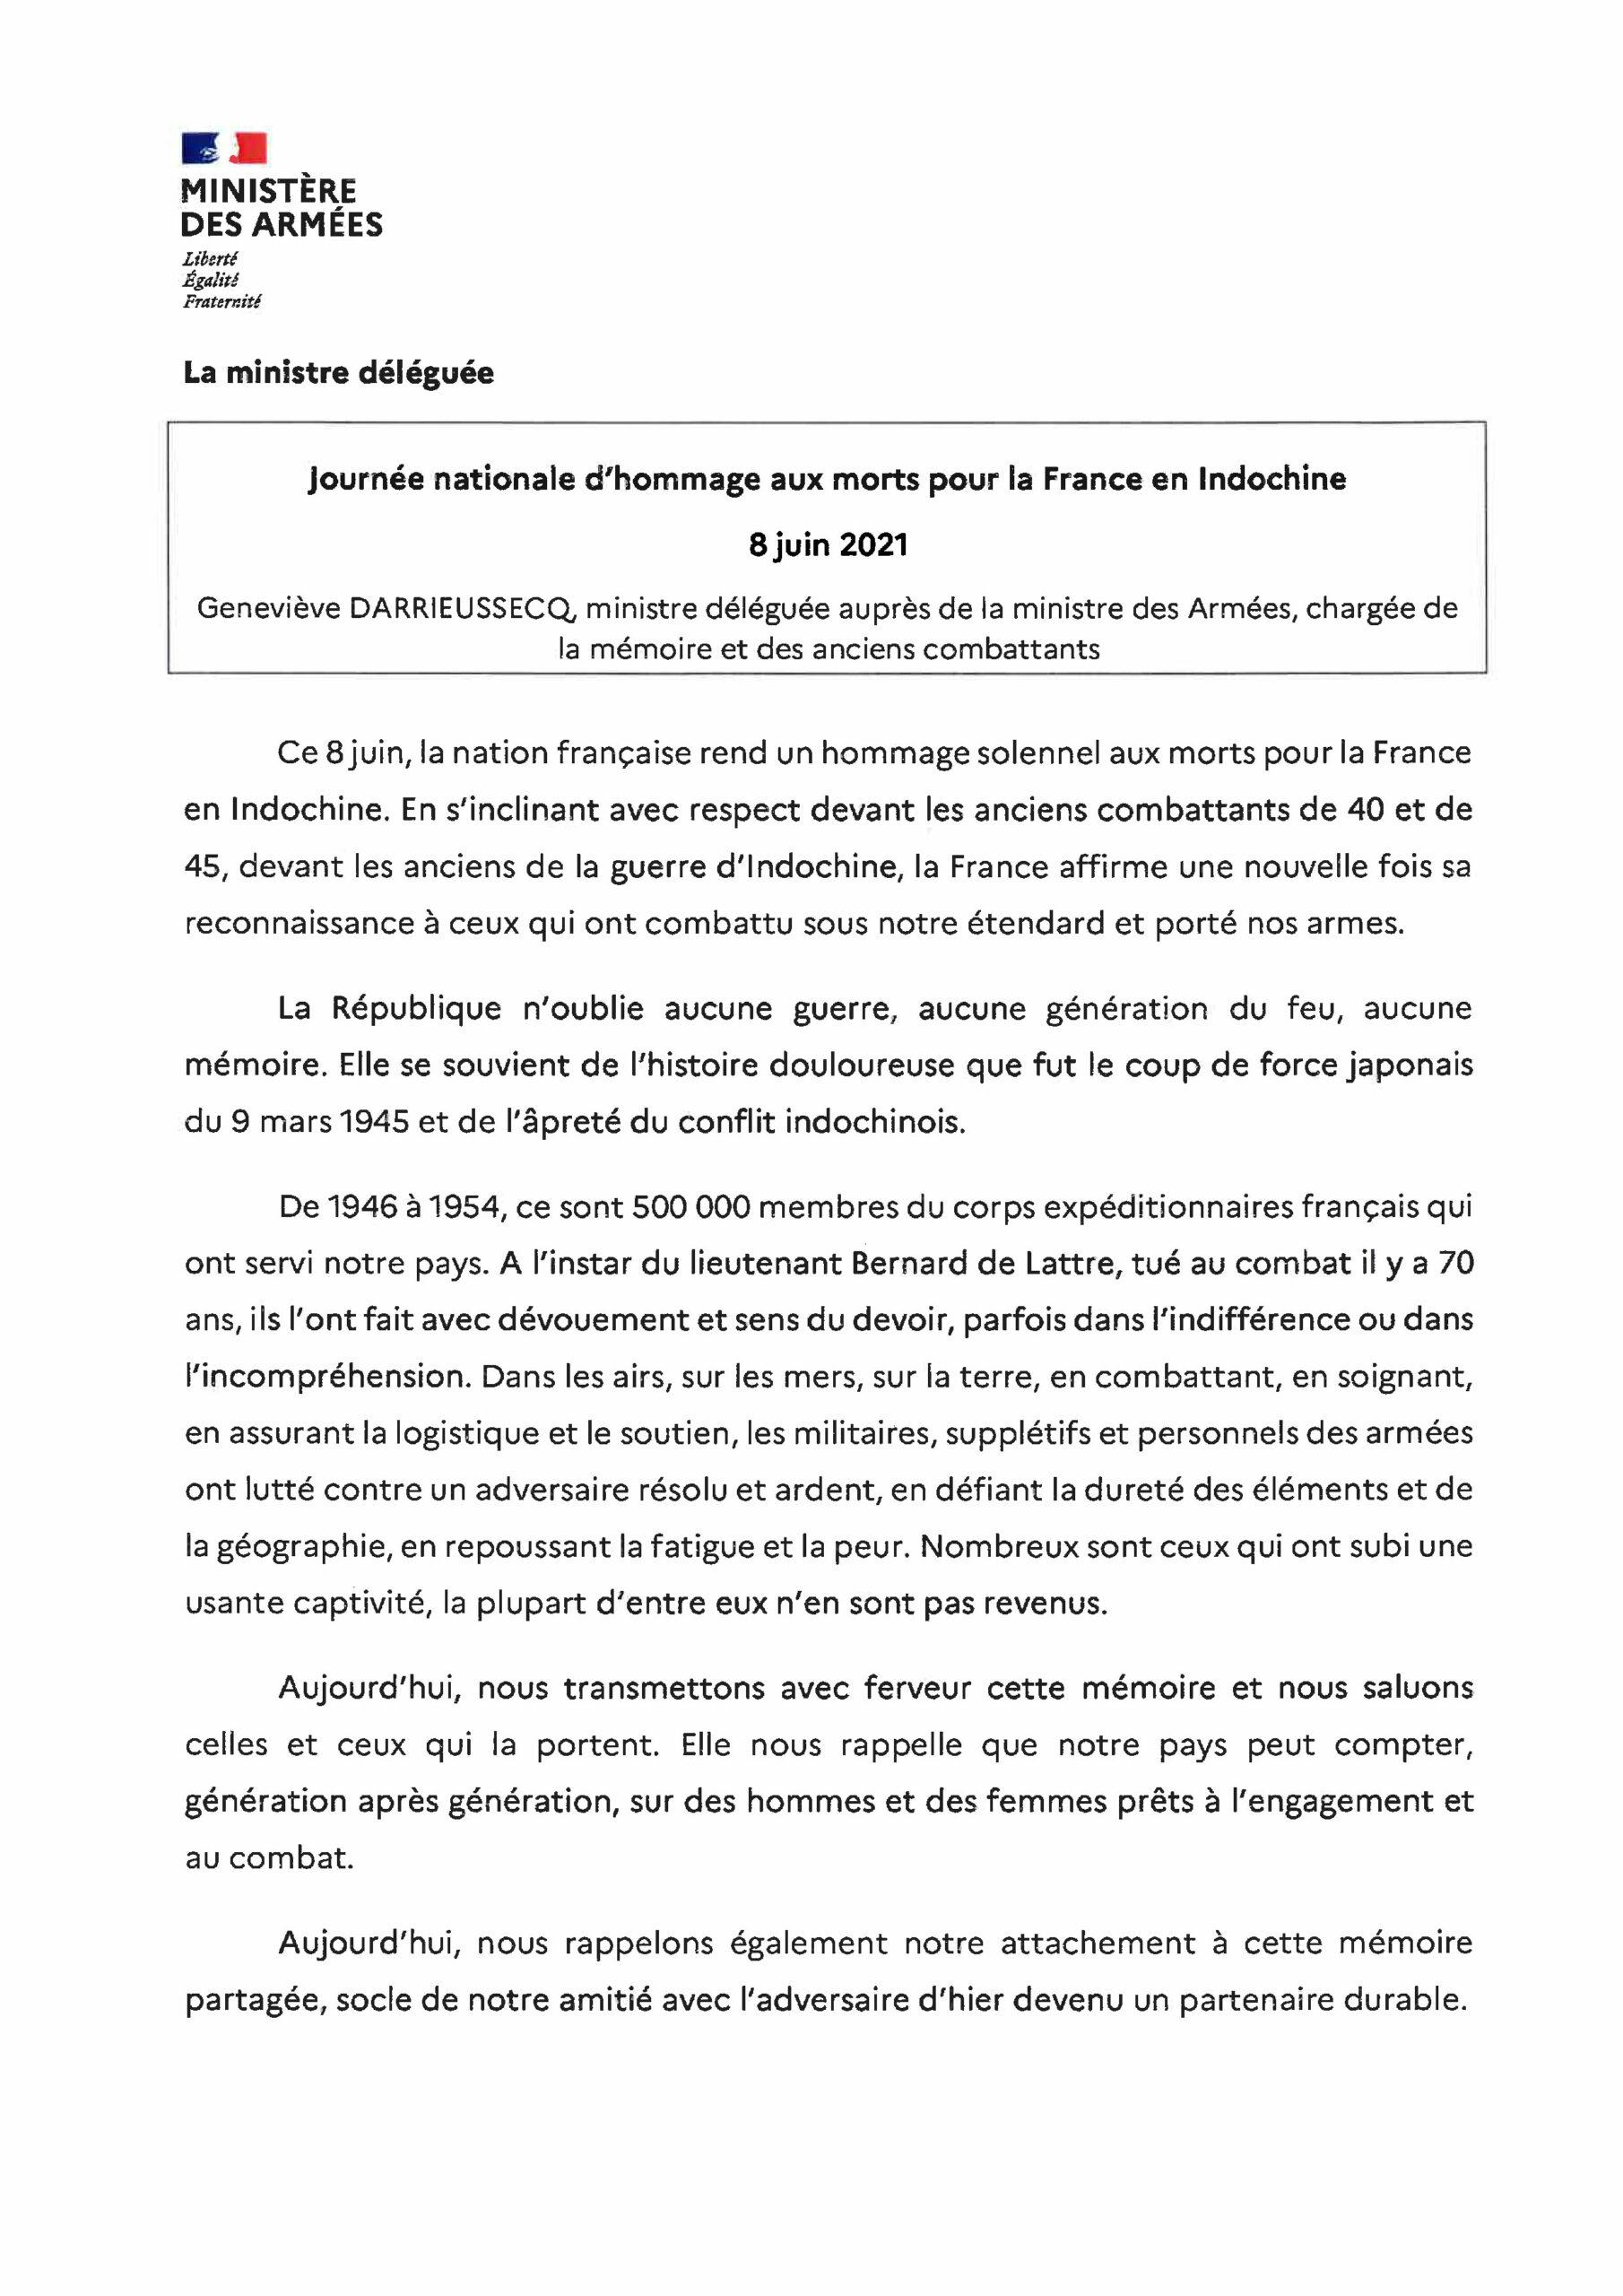 MSL---Message-officiel-du-8-juin-21-Indochine